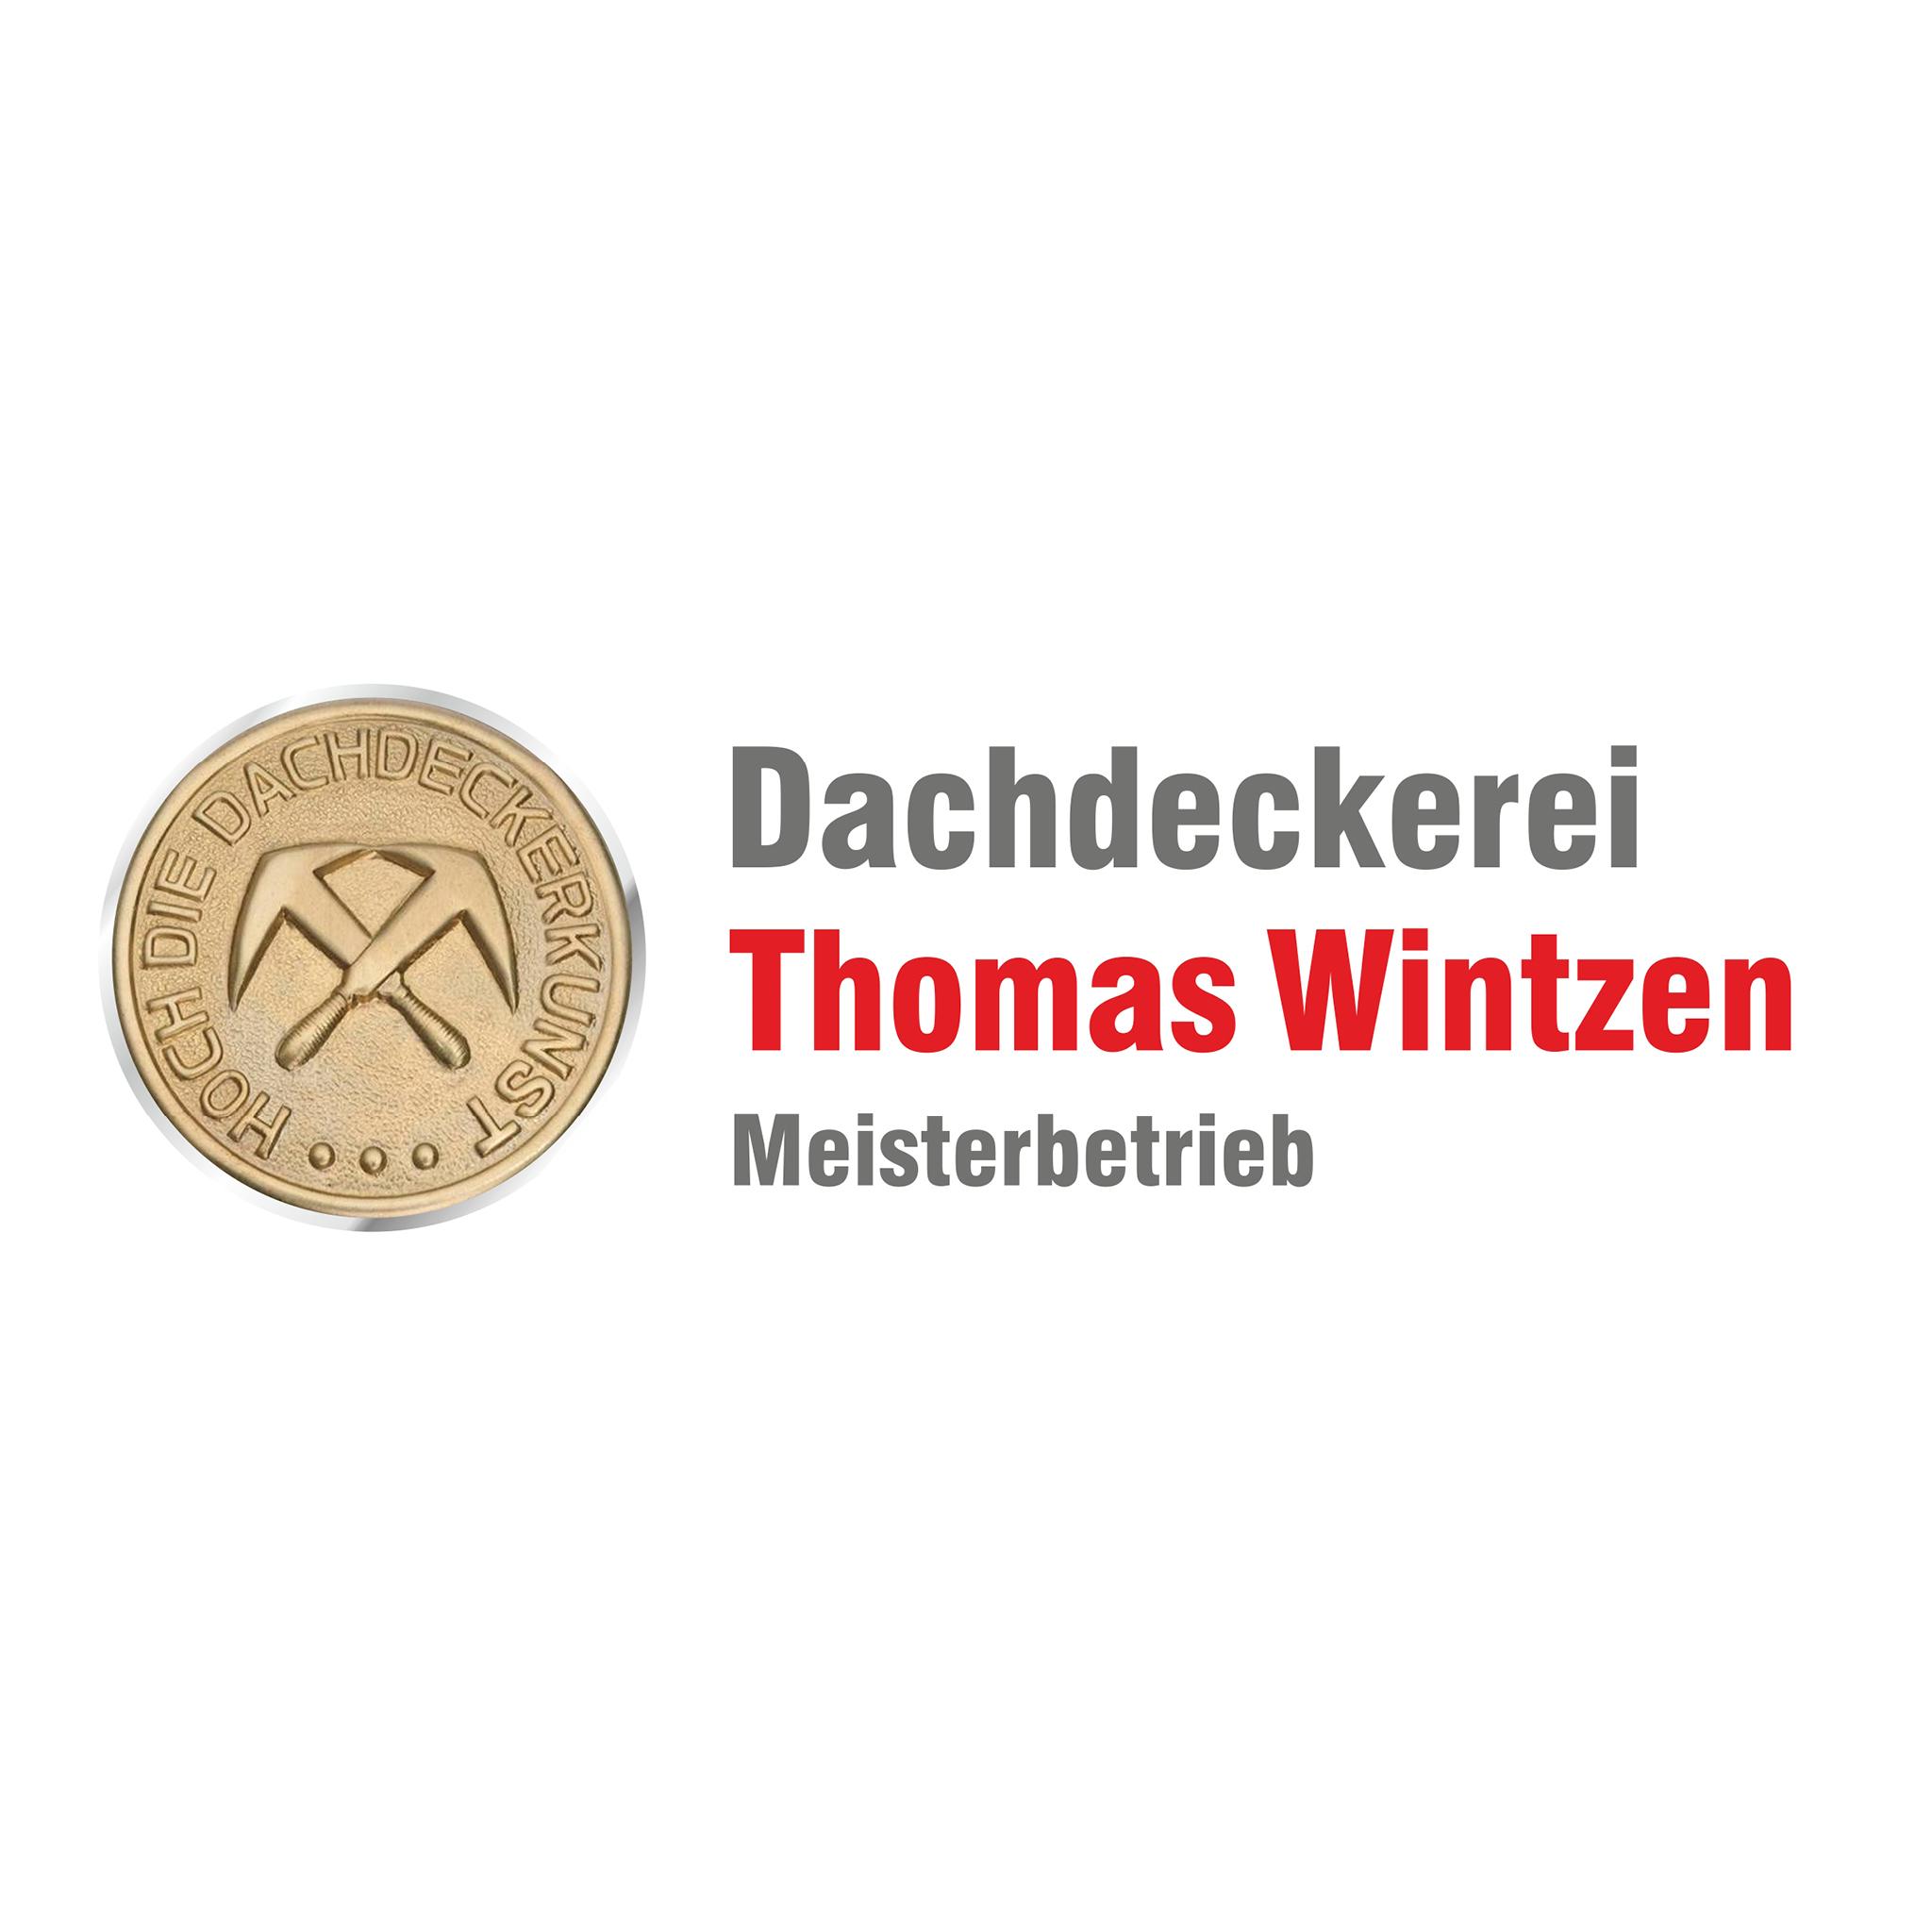 Dachdeckerei Thomas Wintzen